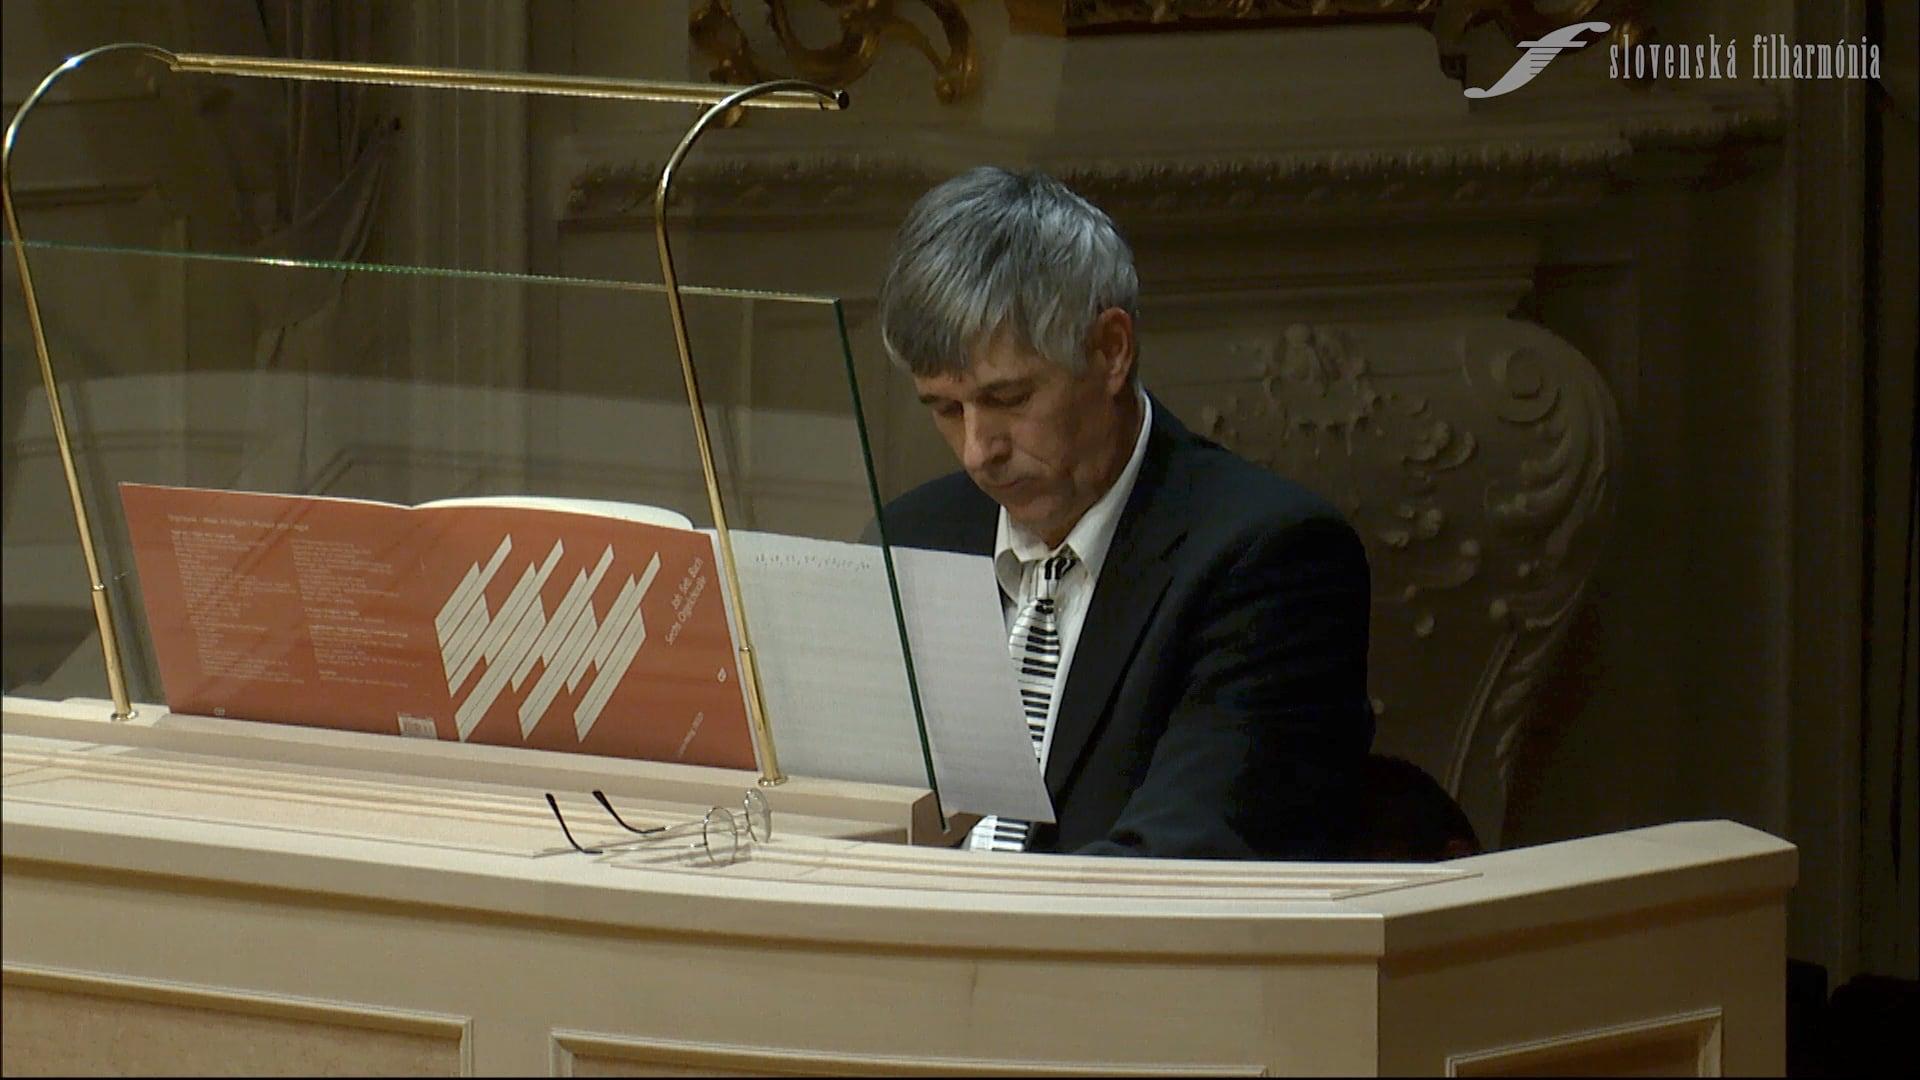 Adventný organový recitál – Florian Pagitsch